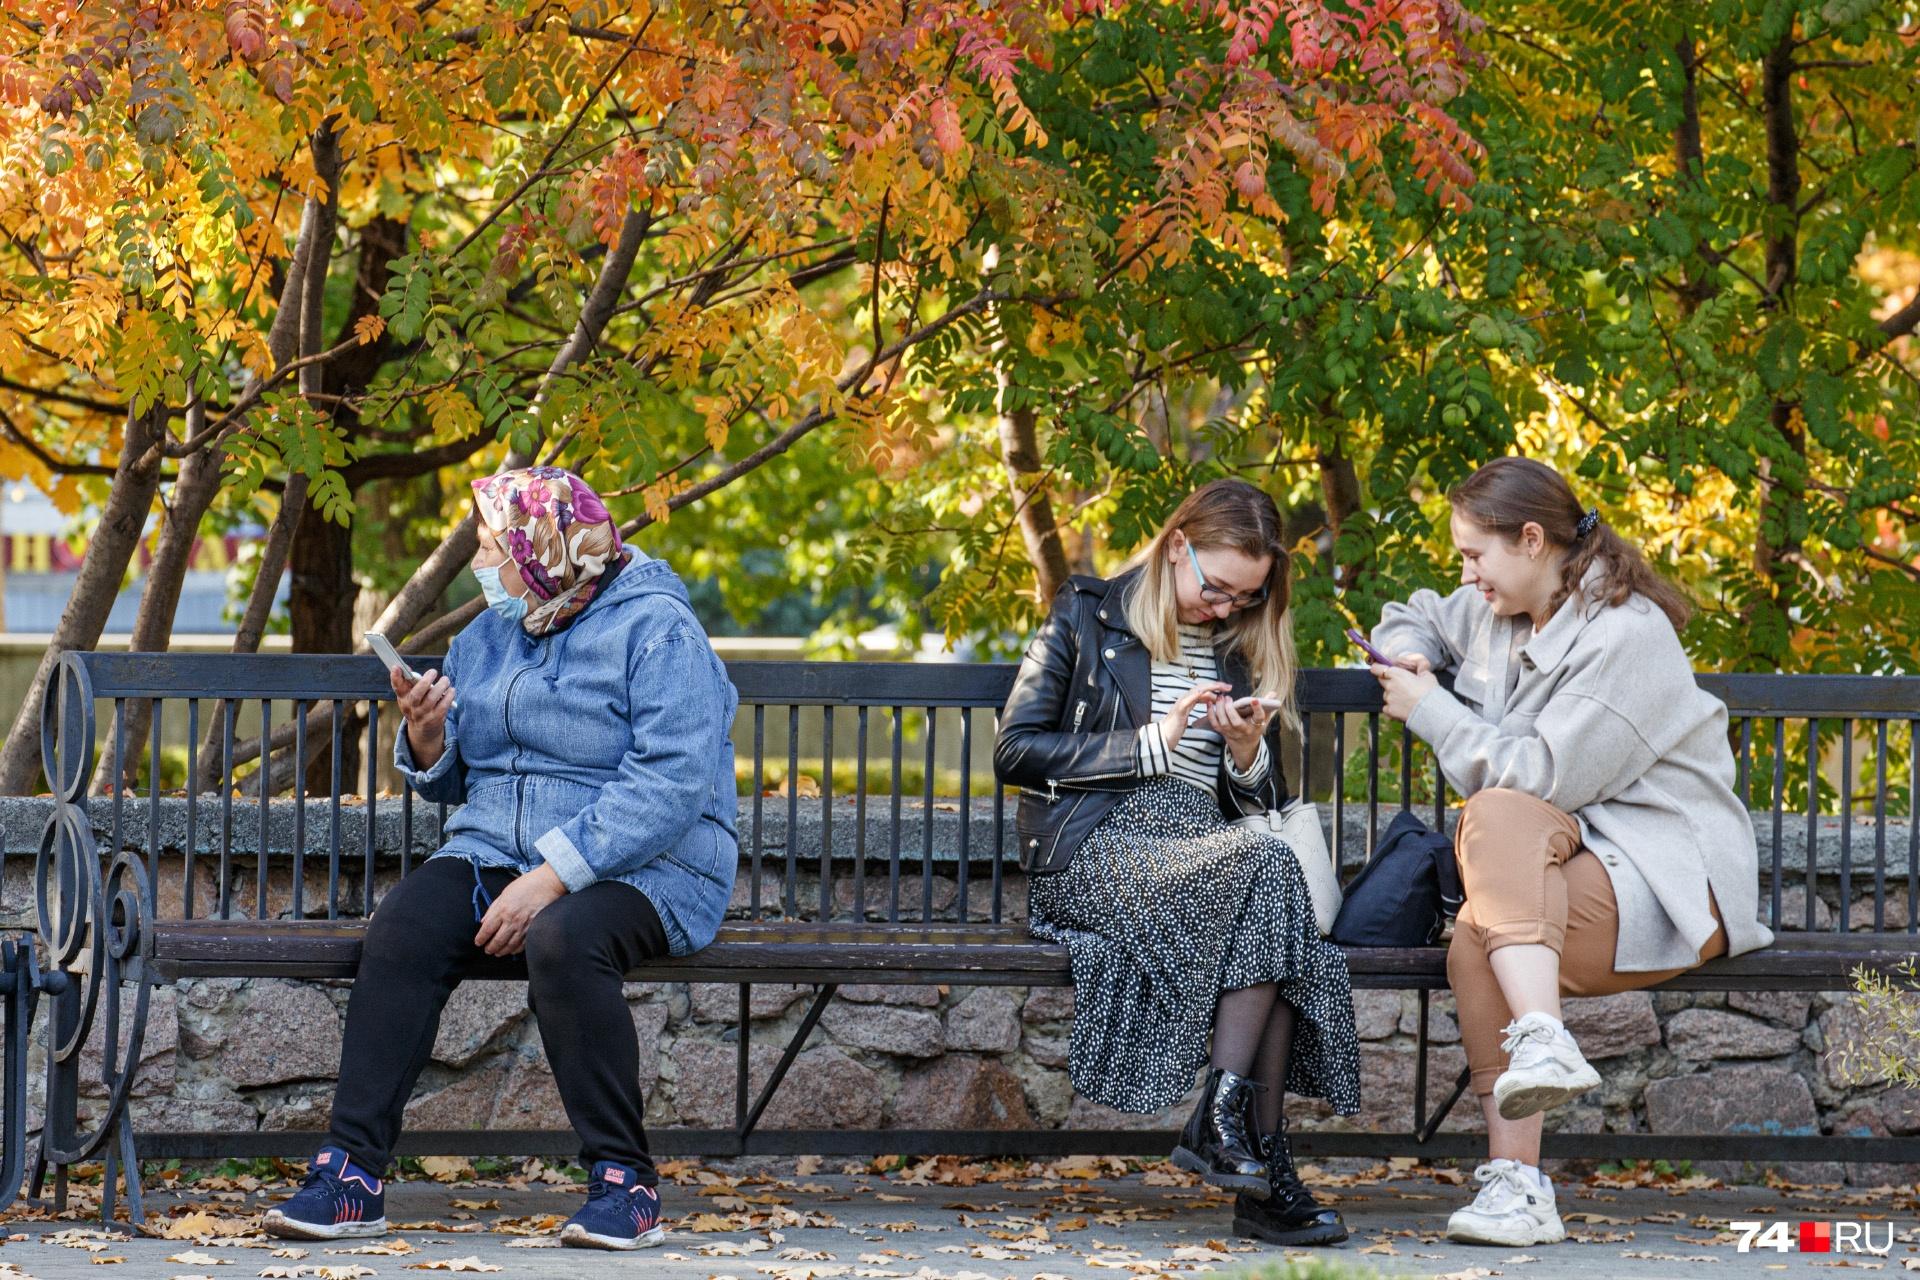 Осенью красивые фотозоны повсюду